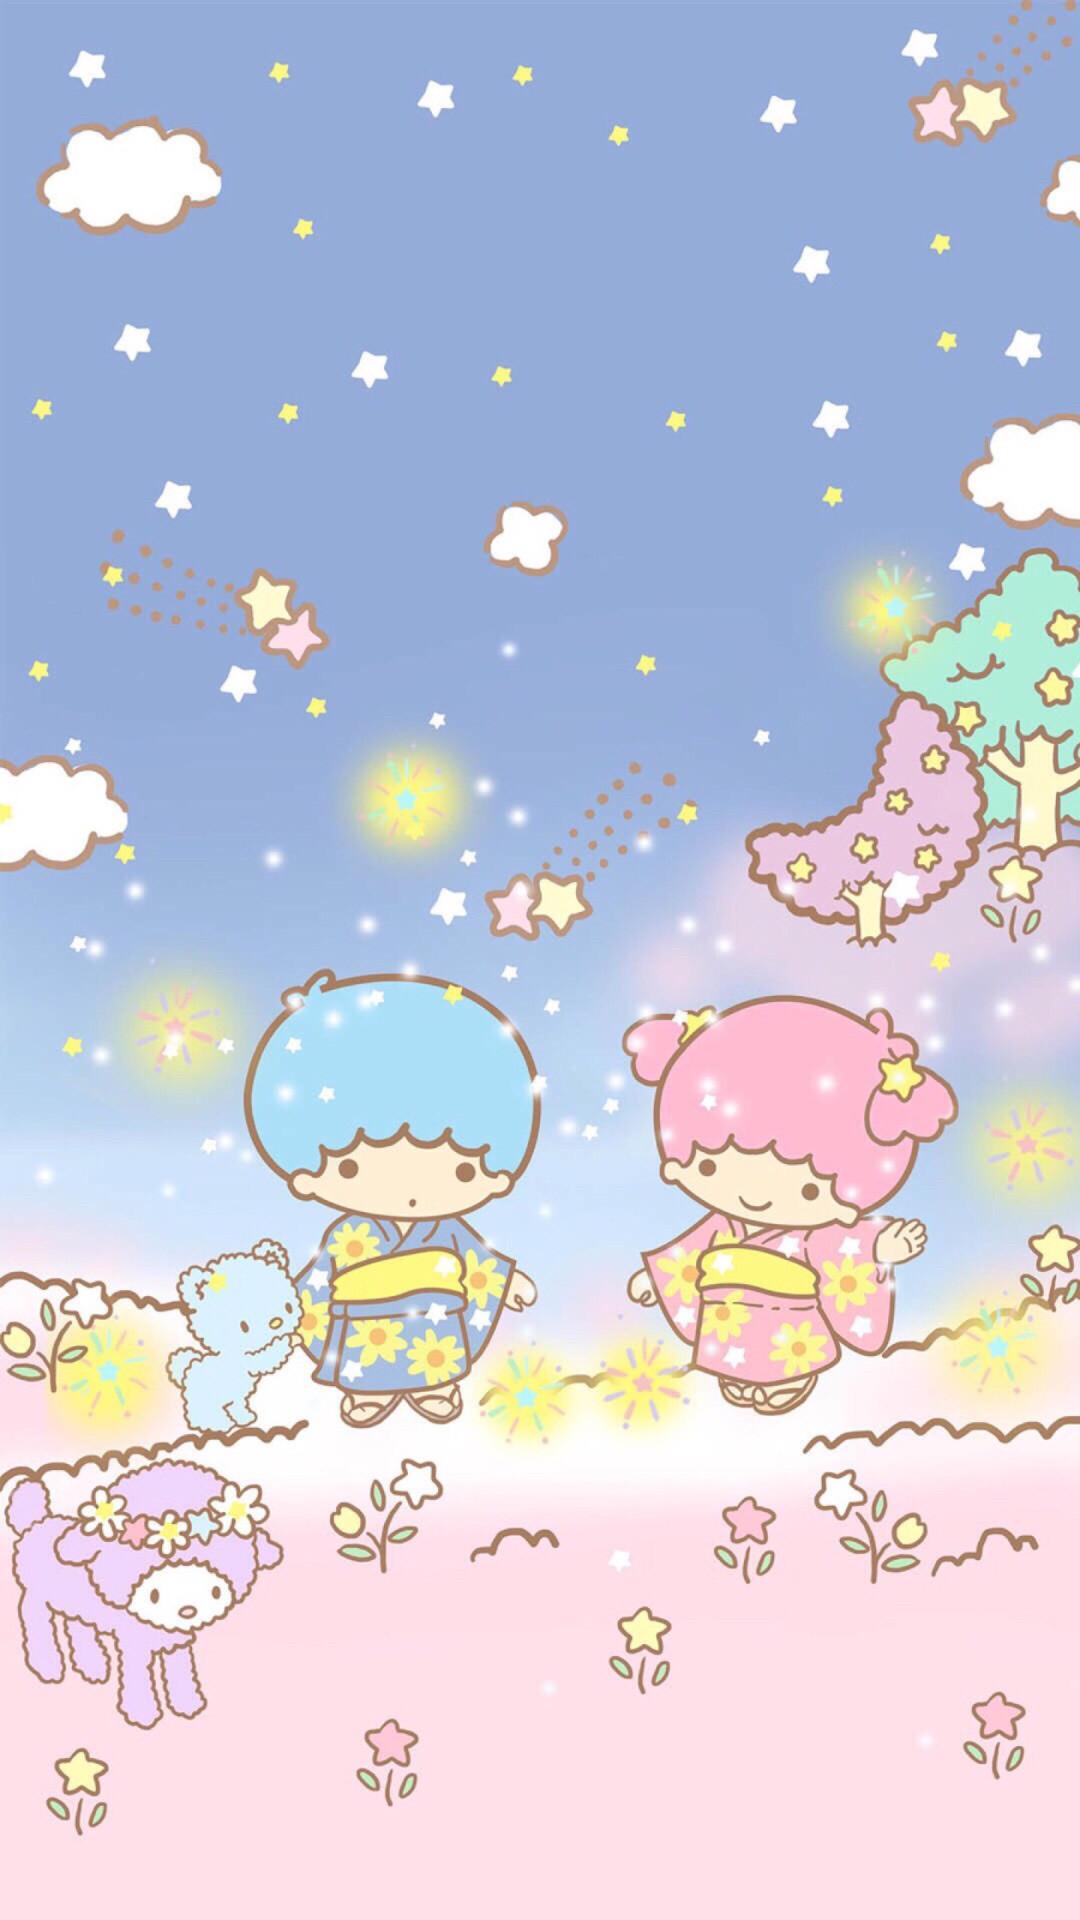 Sanrio Little Twin Stars ¤   Data Src Sanrio Wallpaper - Little Twin Stars Wallpaper Iphone - HD Wallpaper